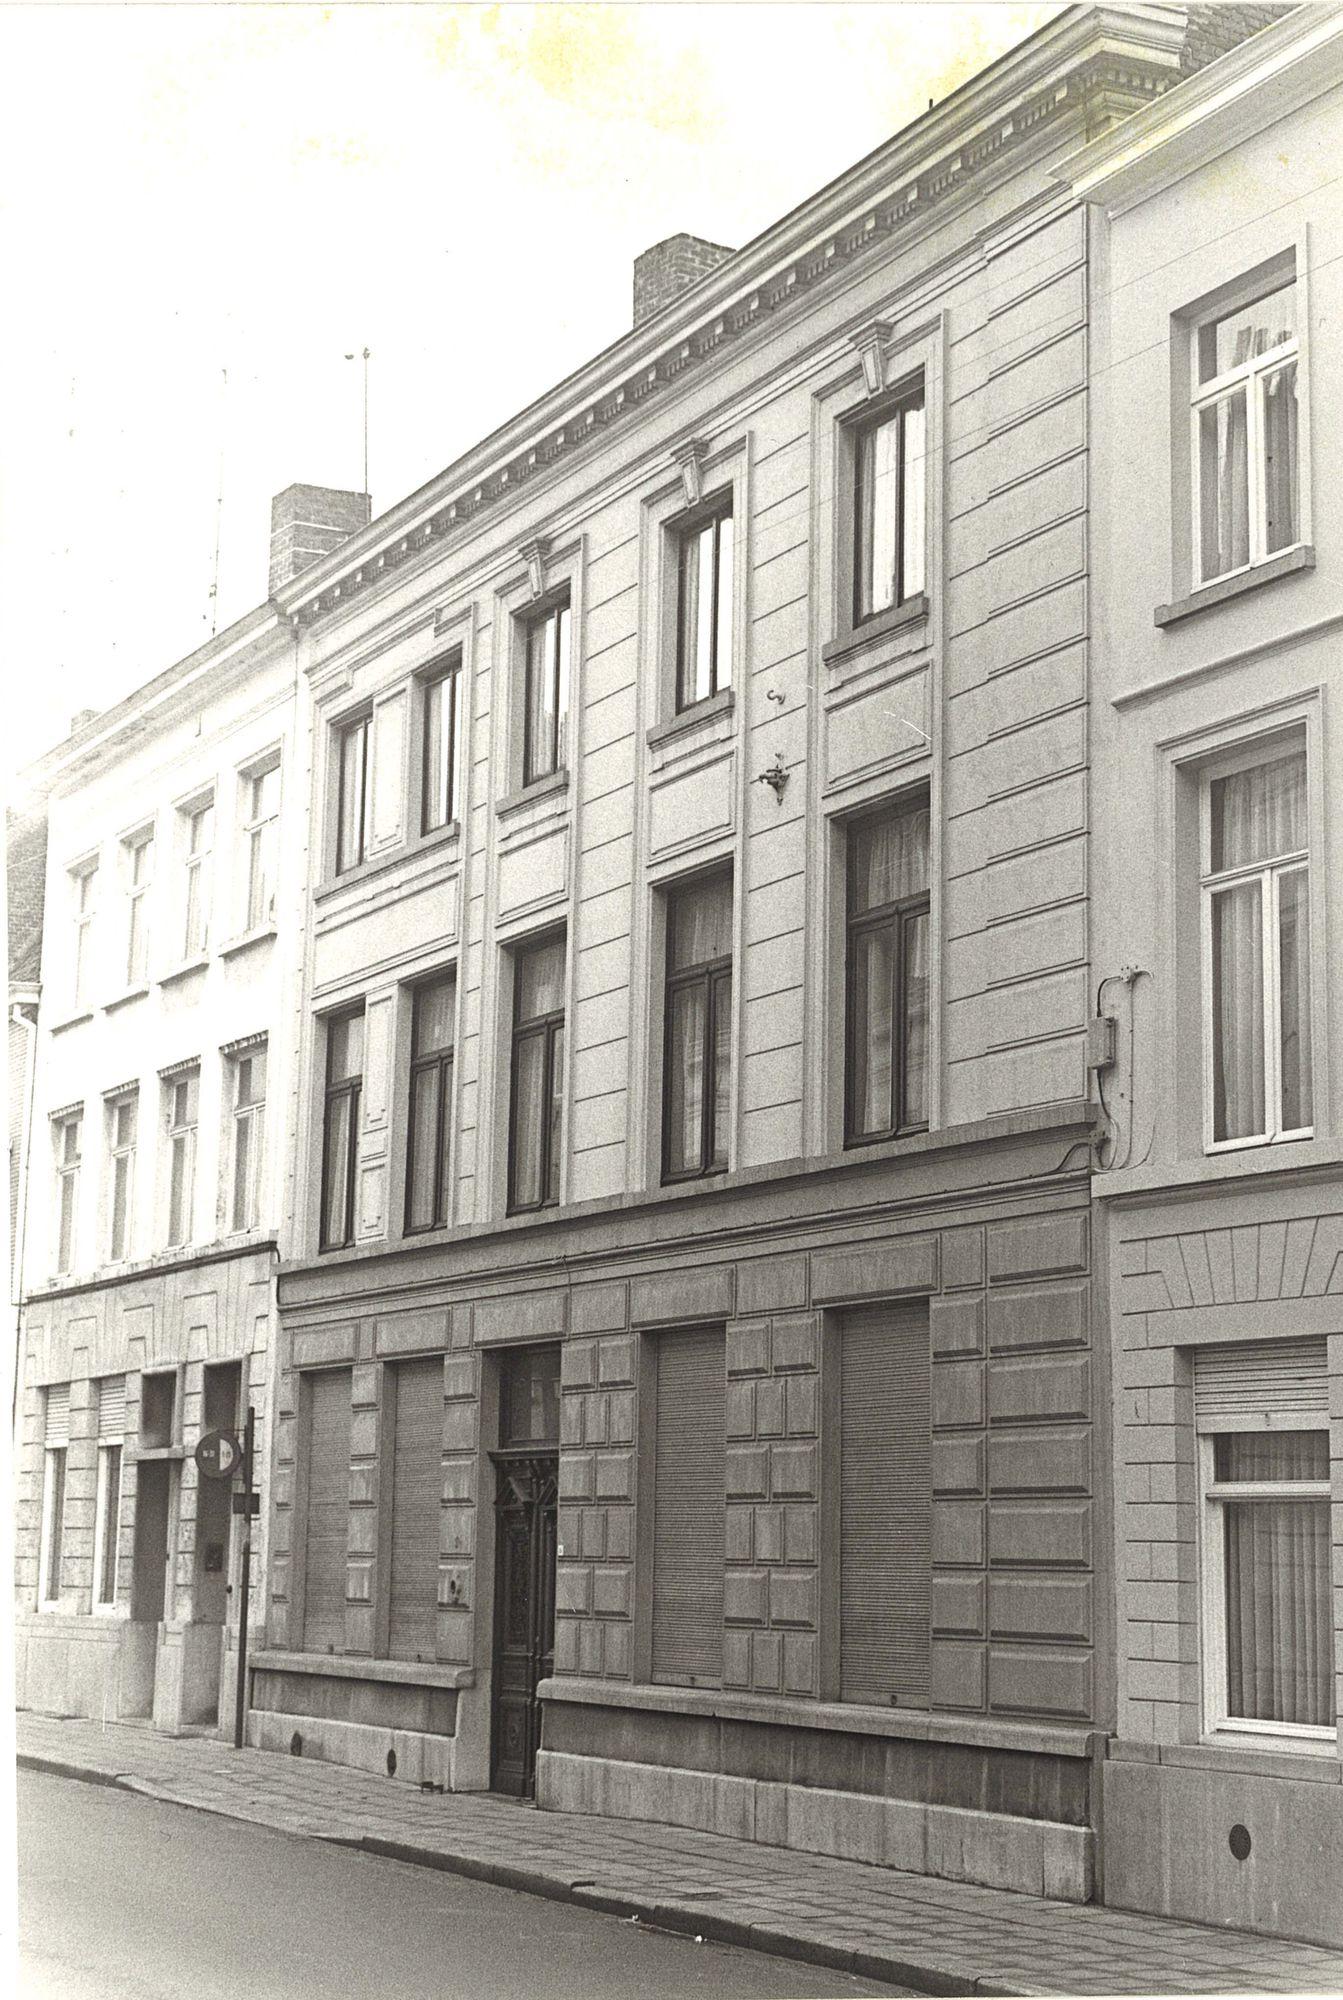 Groeningestraat 20